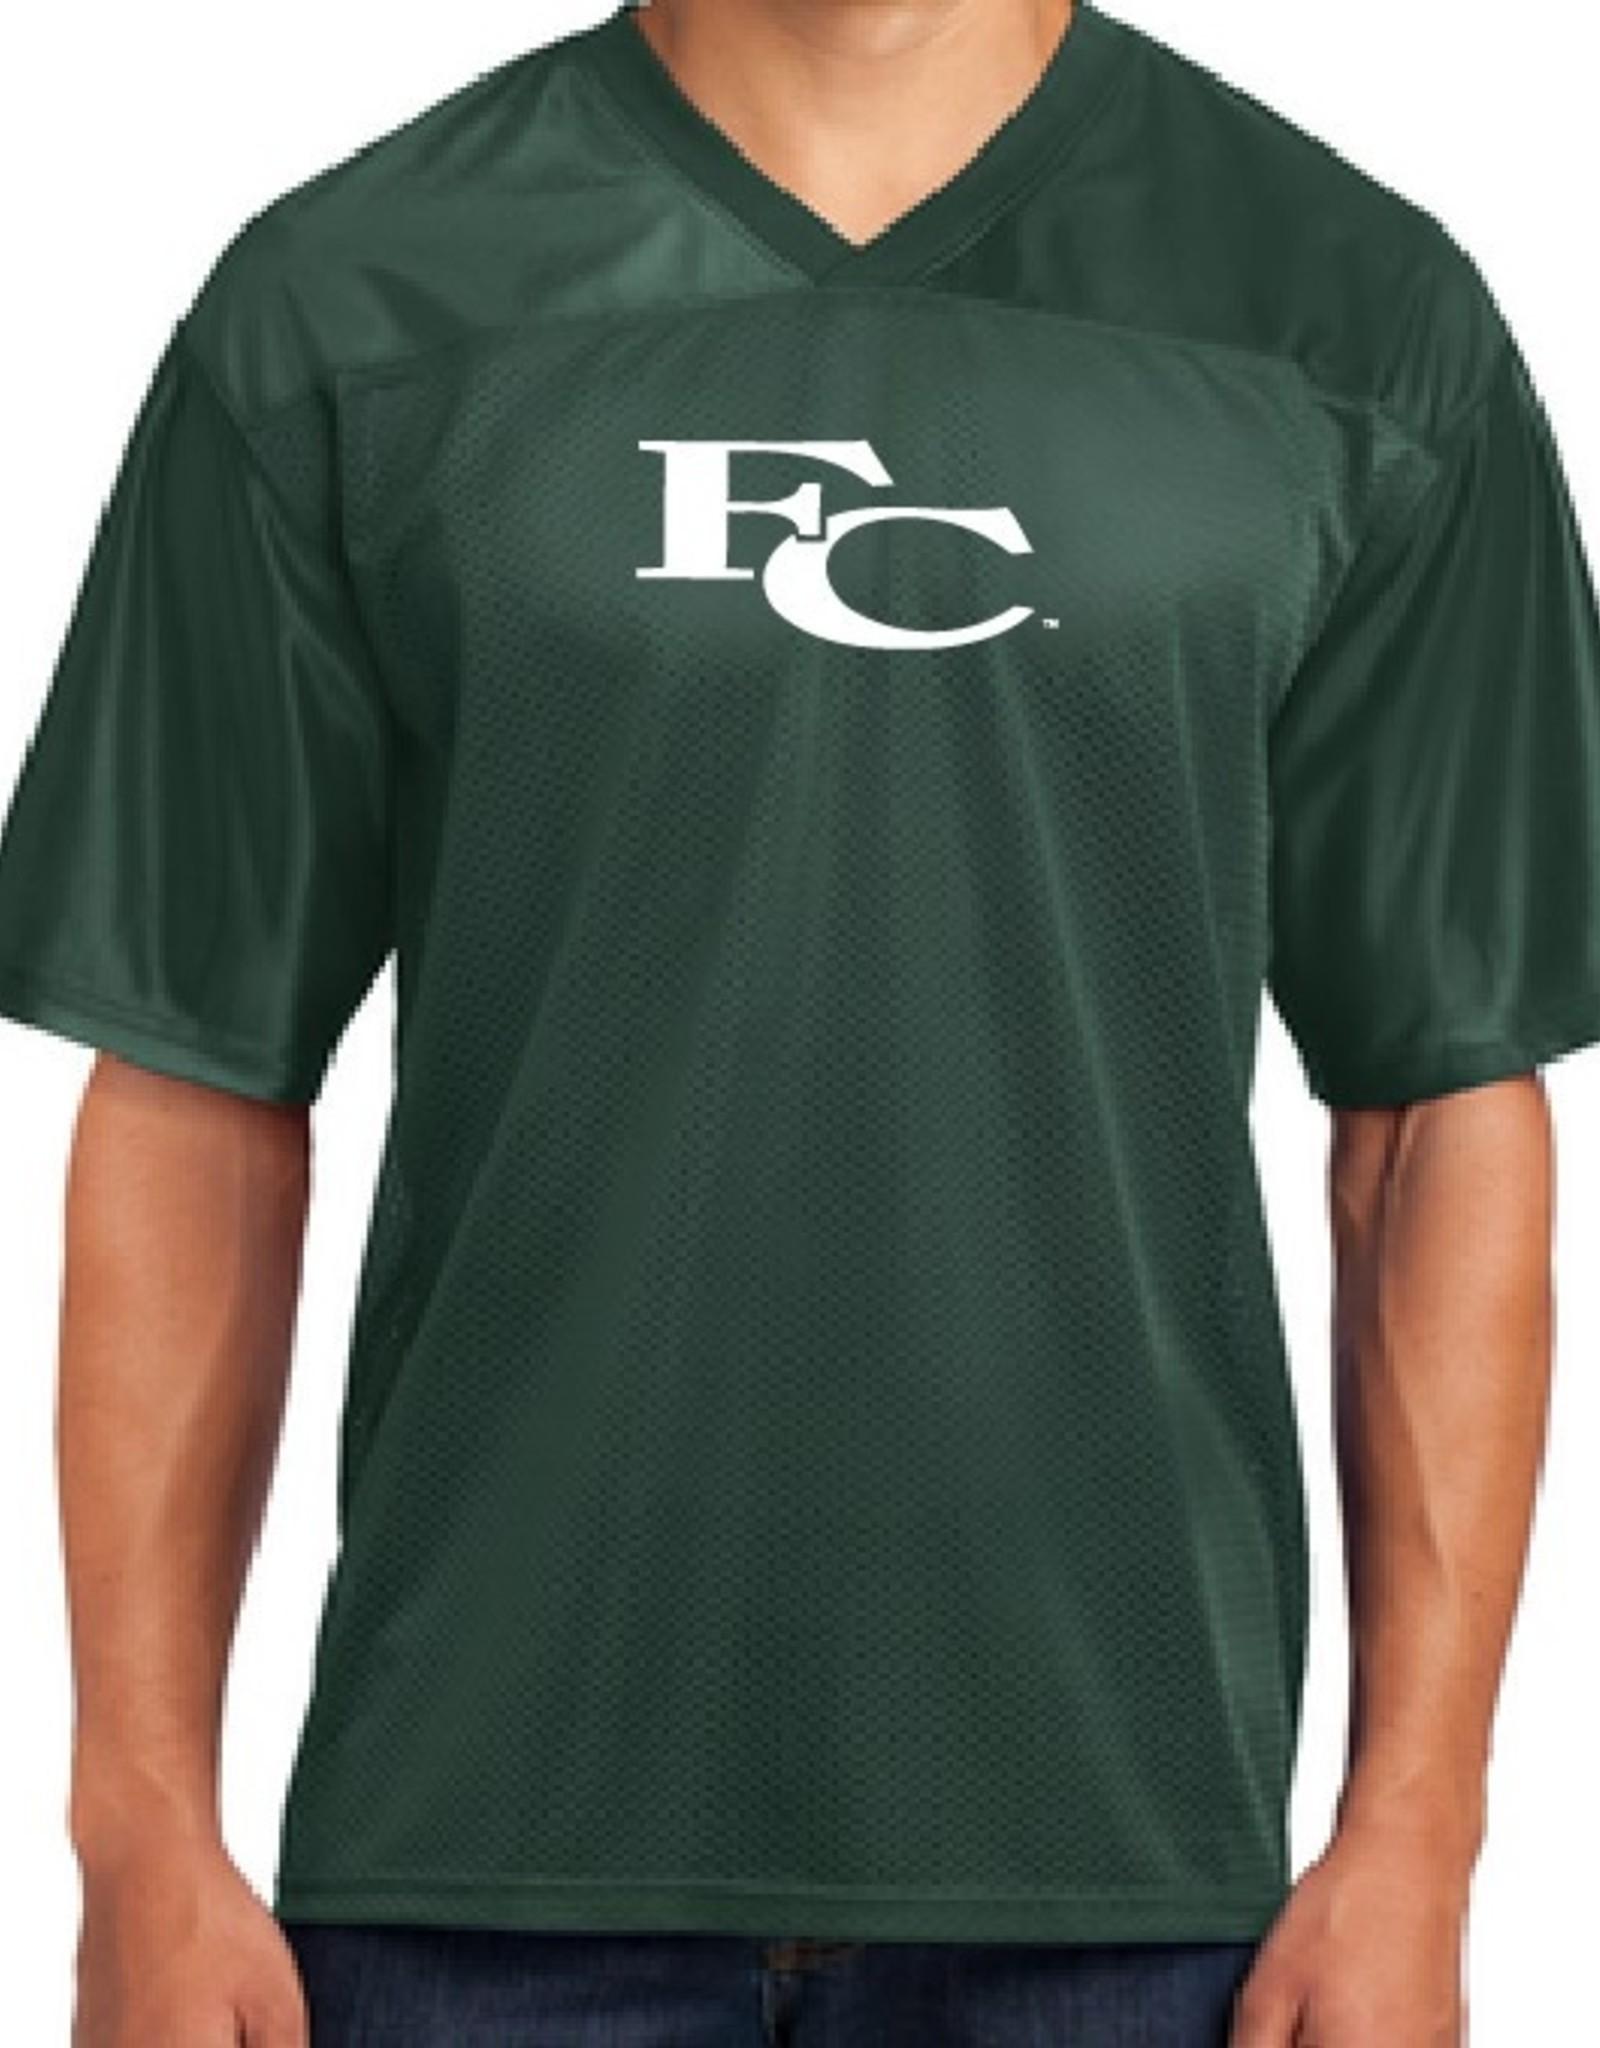 FC Jersey Unisex